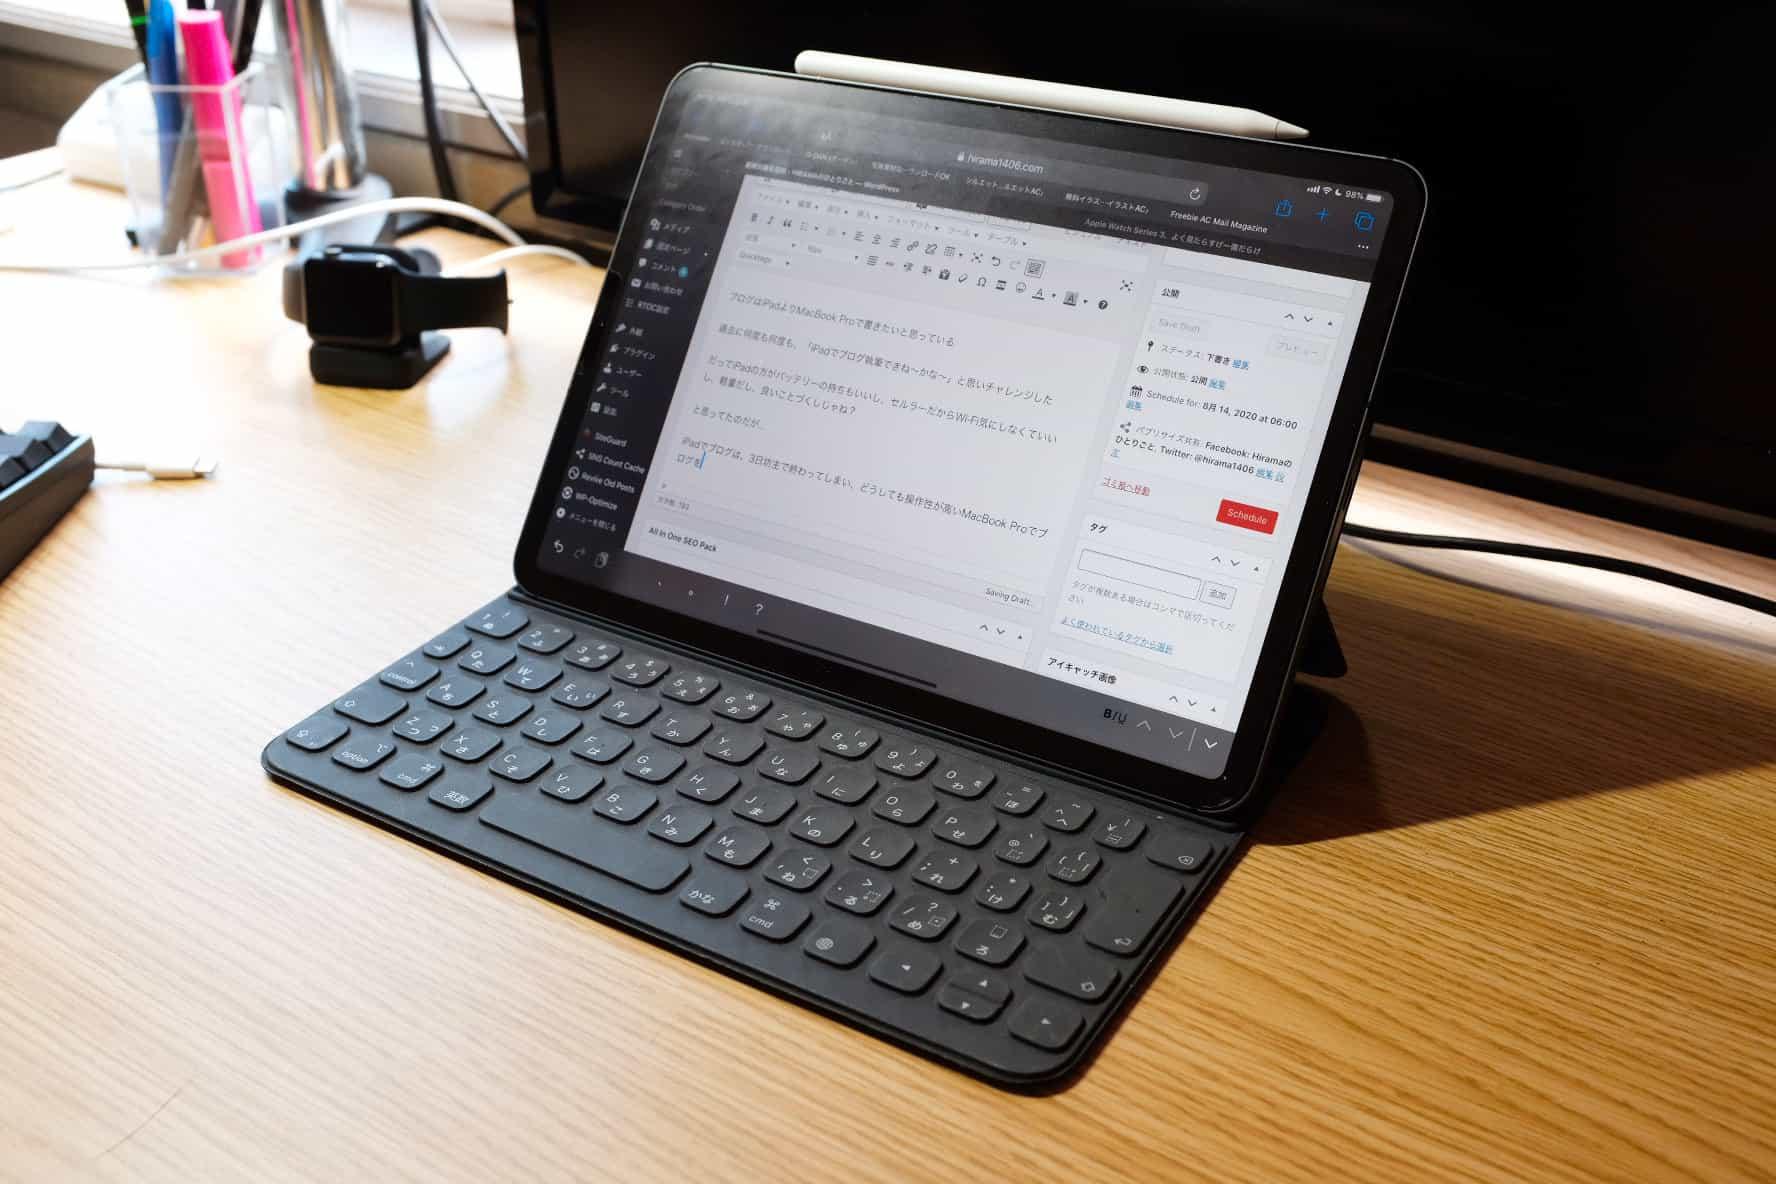 11インチ iPad Pro + SmartKeyboardの組み合わせでブログ執筆にチャレンジしてみる